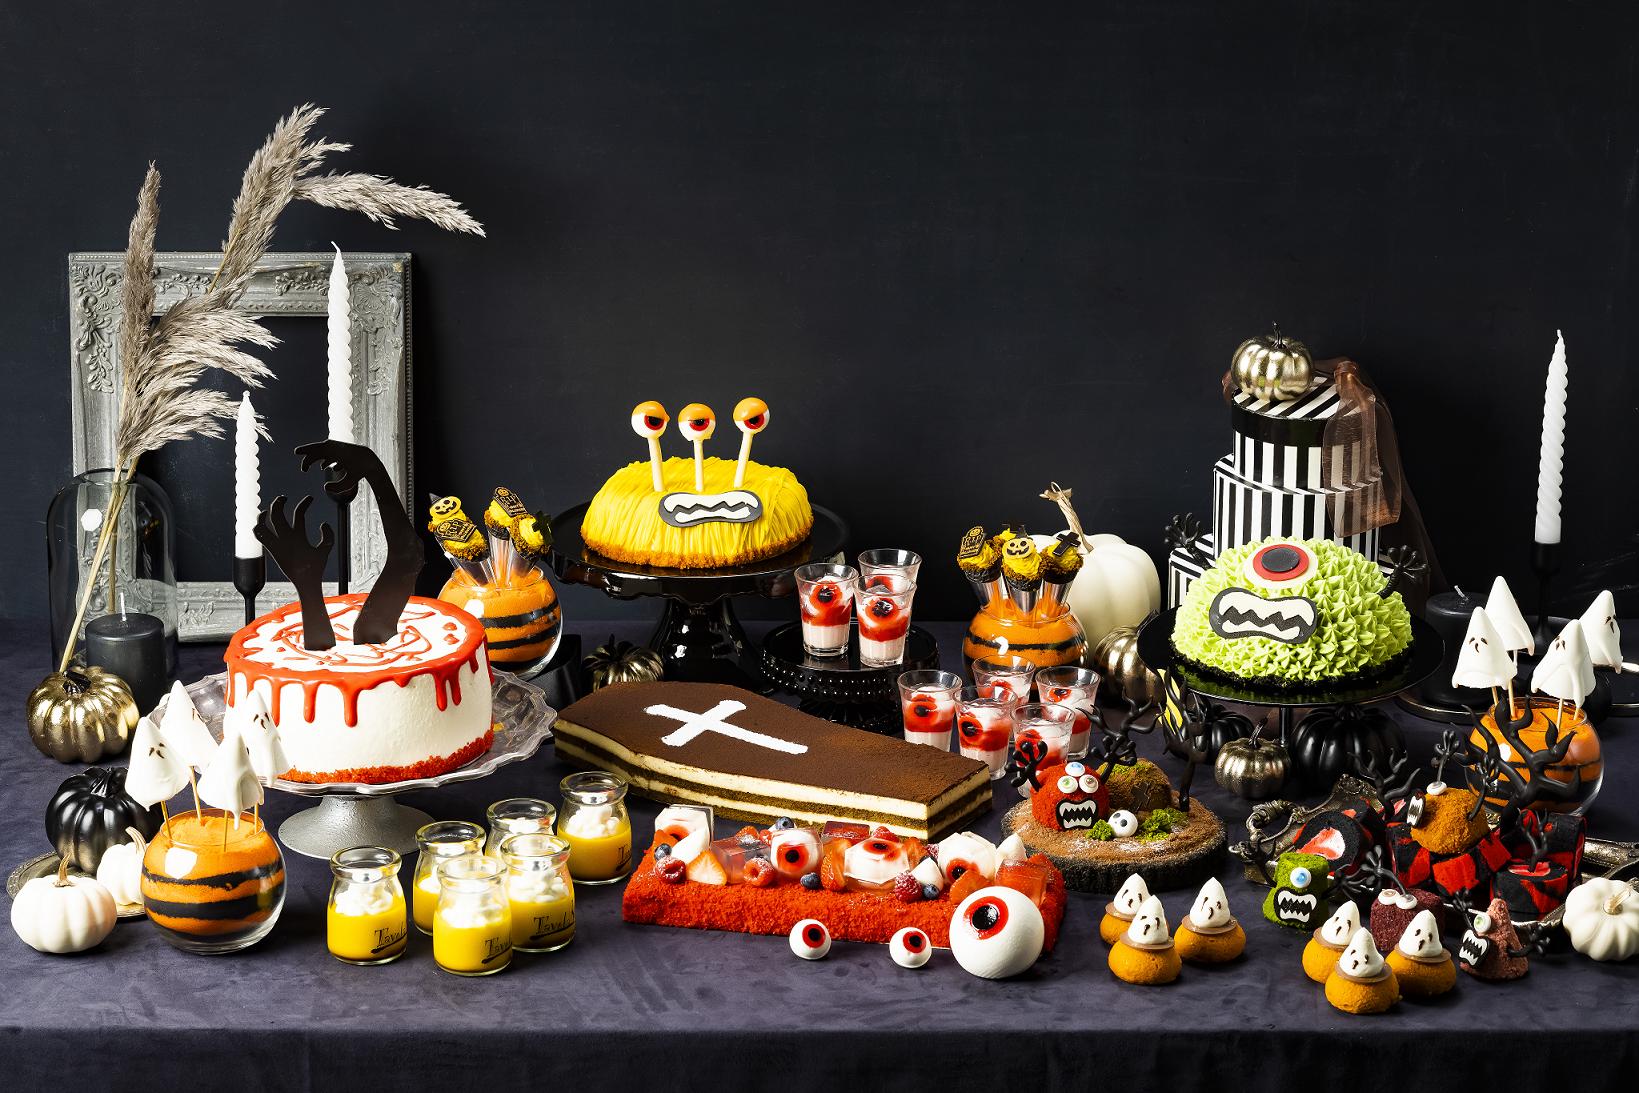 tavola36-halloween-monster-gathering